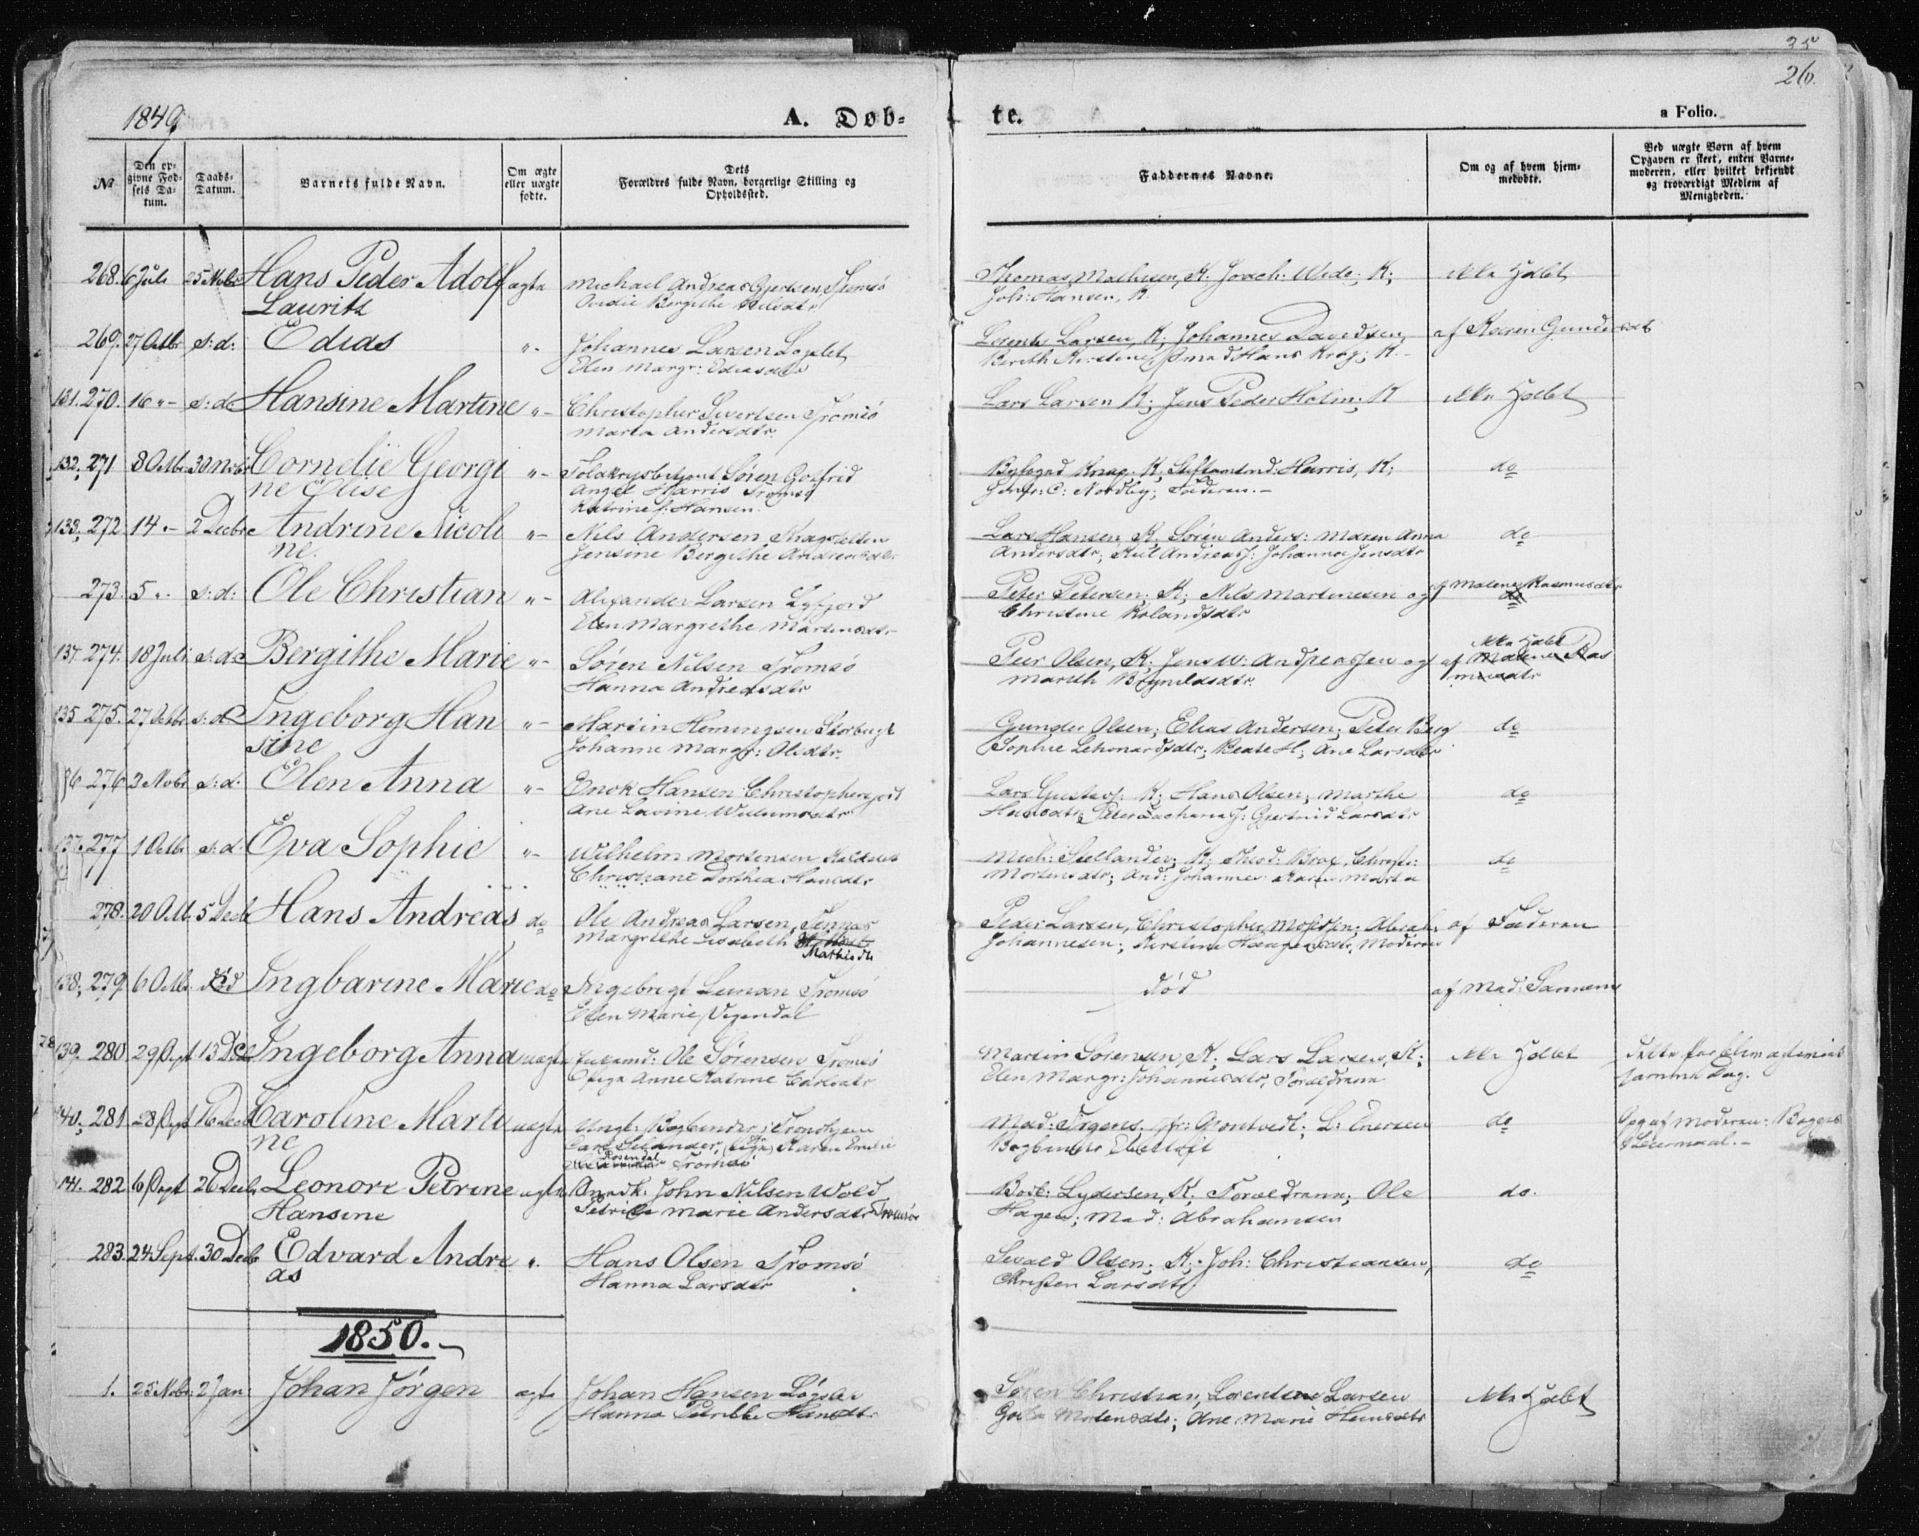 SATØ, Tromsø sokneprestkontor/stiftsprosti/domprosti, G/Ga/L0010kirke: Ministerialbok nr. 10, 1848-1855, s. 26